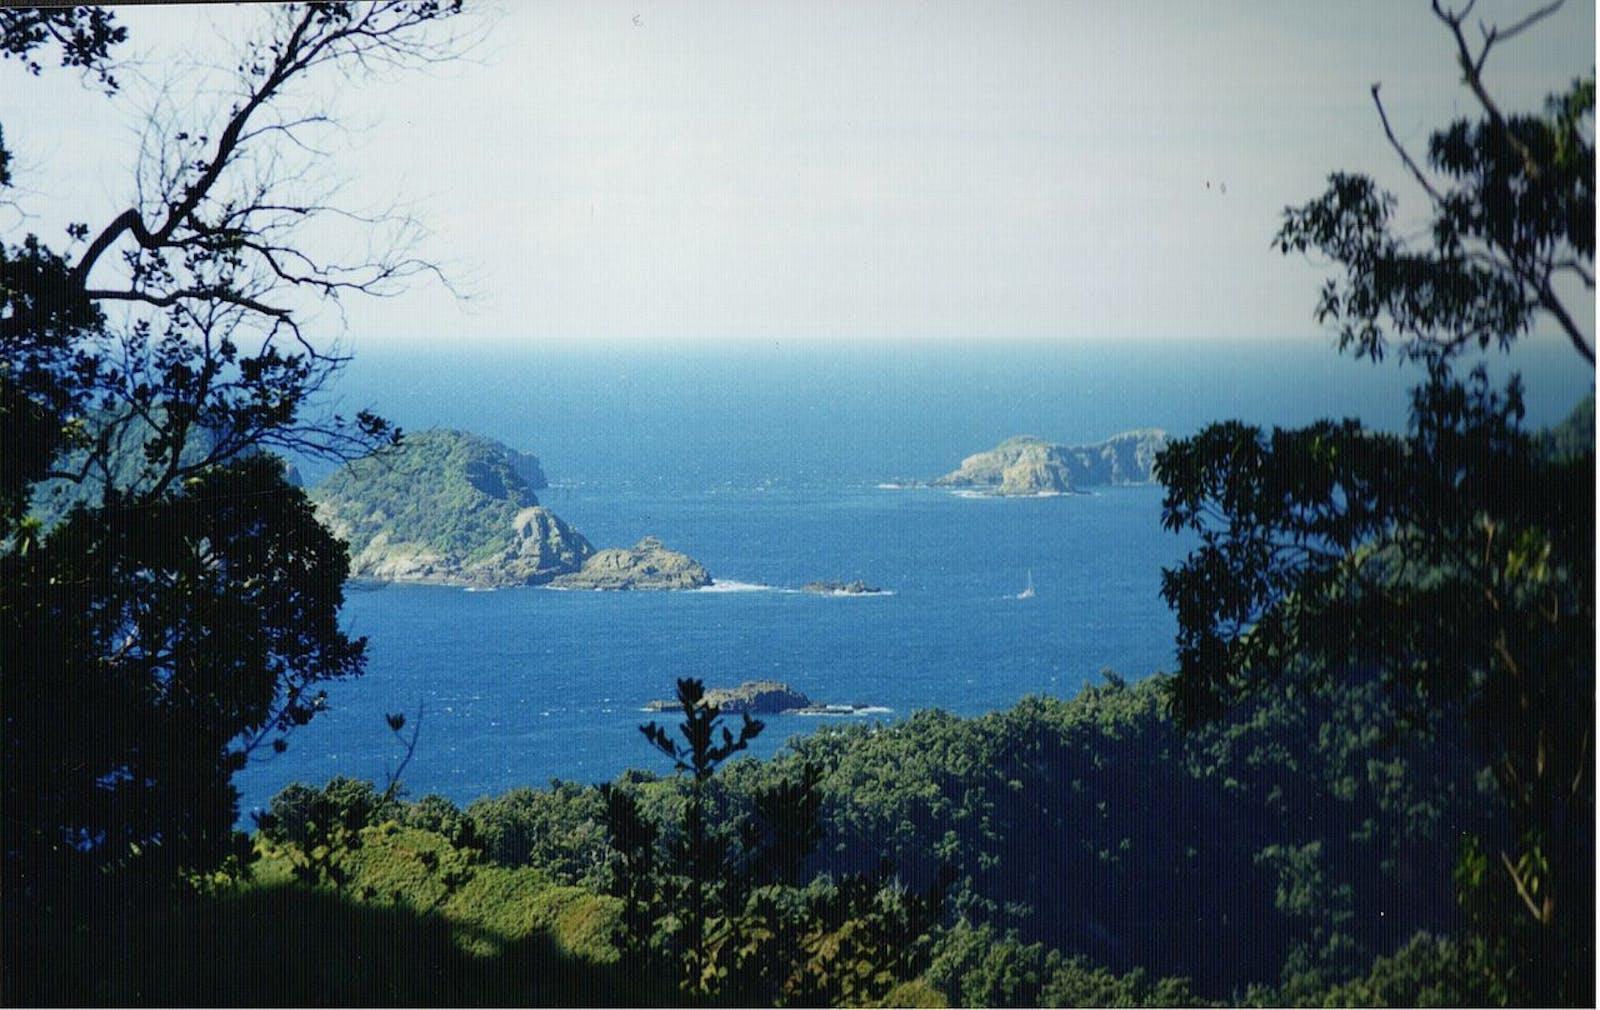 Kermadec Islands Subtropical Moist Forests